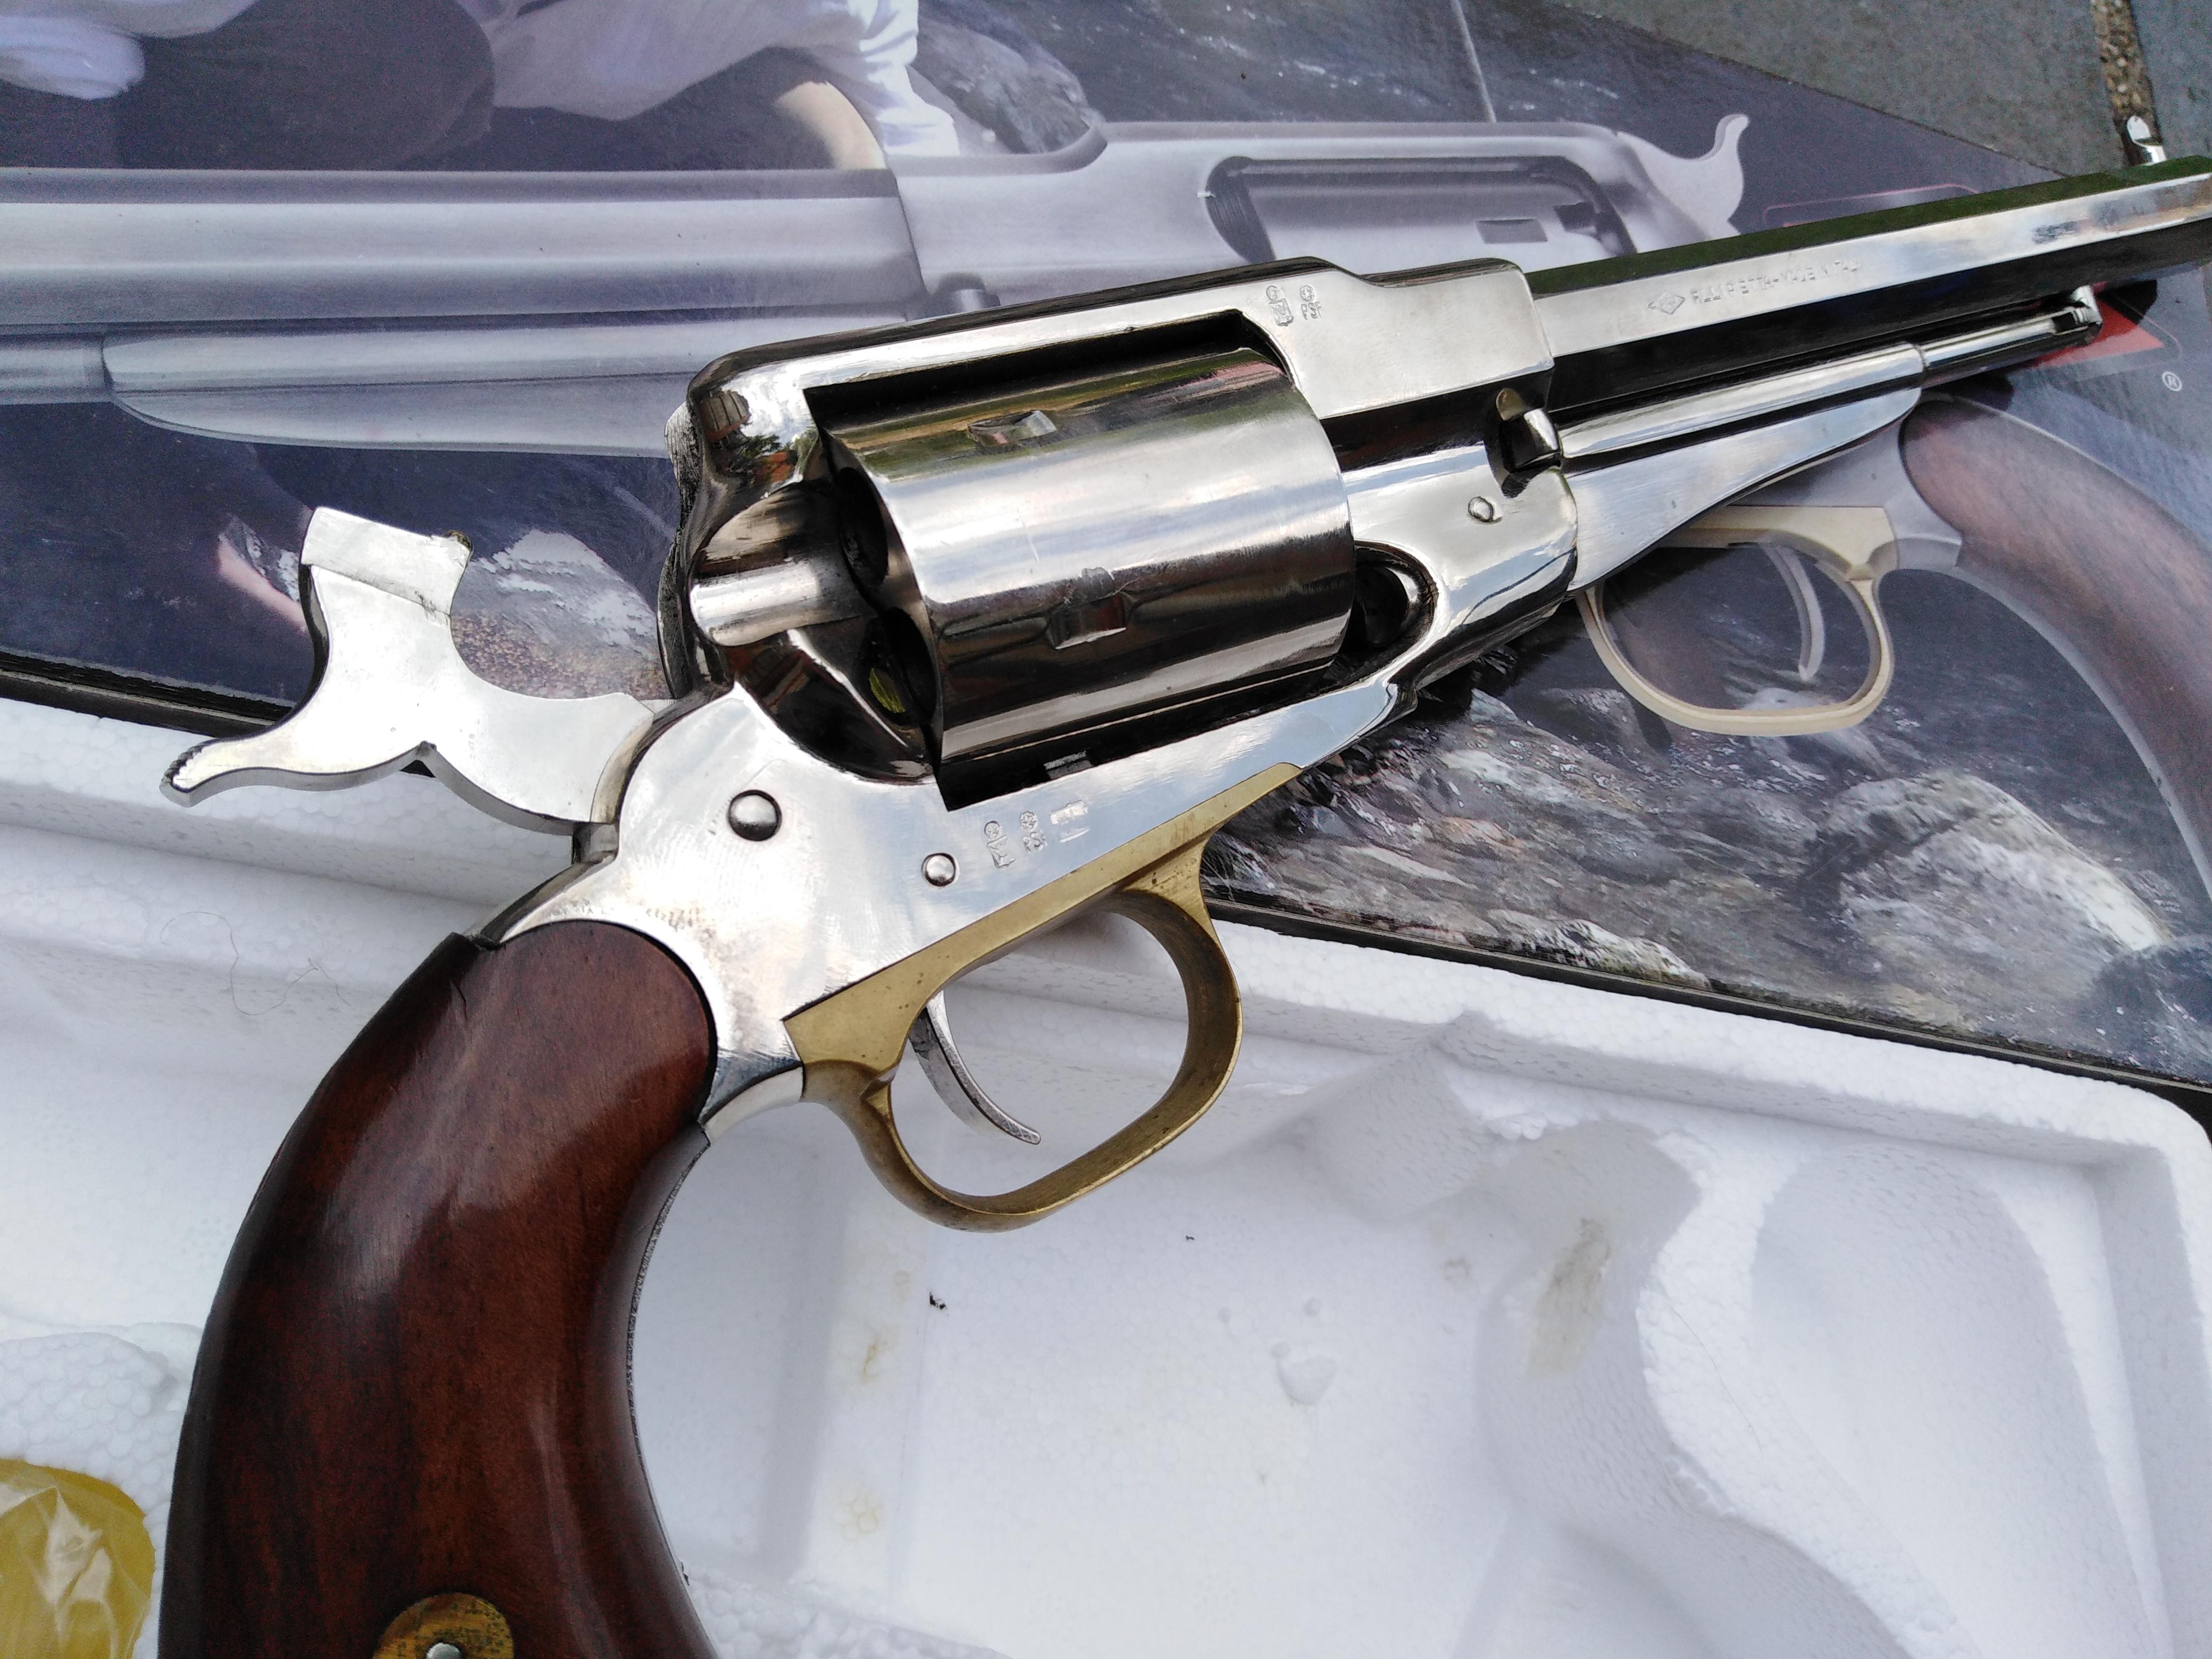 Pietta Nickle Remington 1858 Army